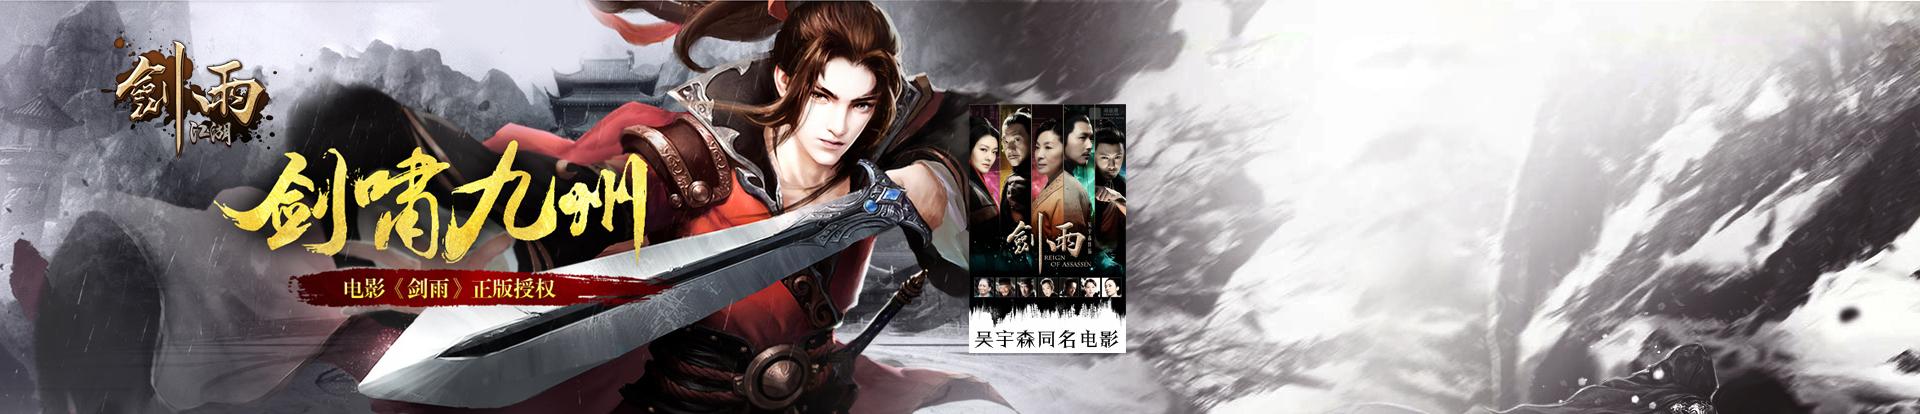 剑雨江湖官网游戏平台